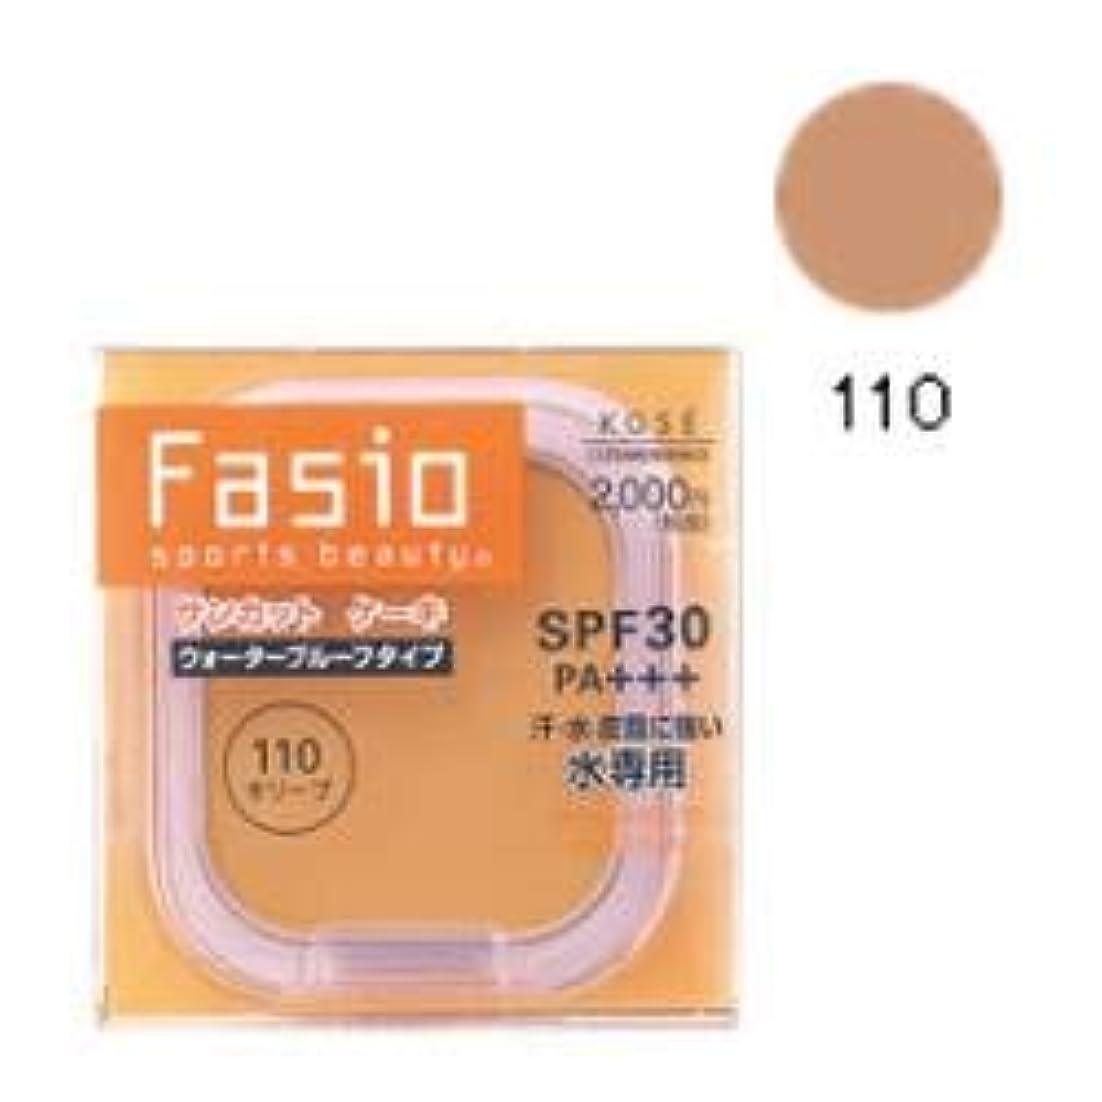 それによって修士号うなずくコーセー Fasio ファシオ サンカット ケーキ 詰め替え用 110